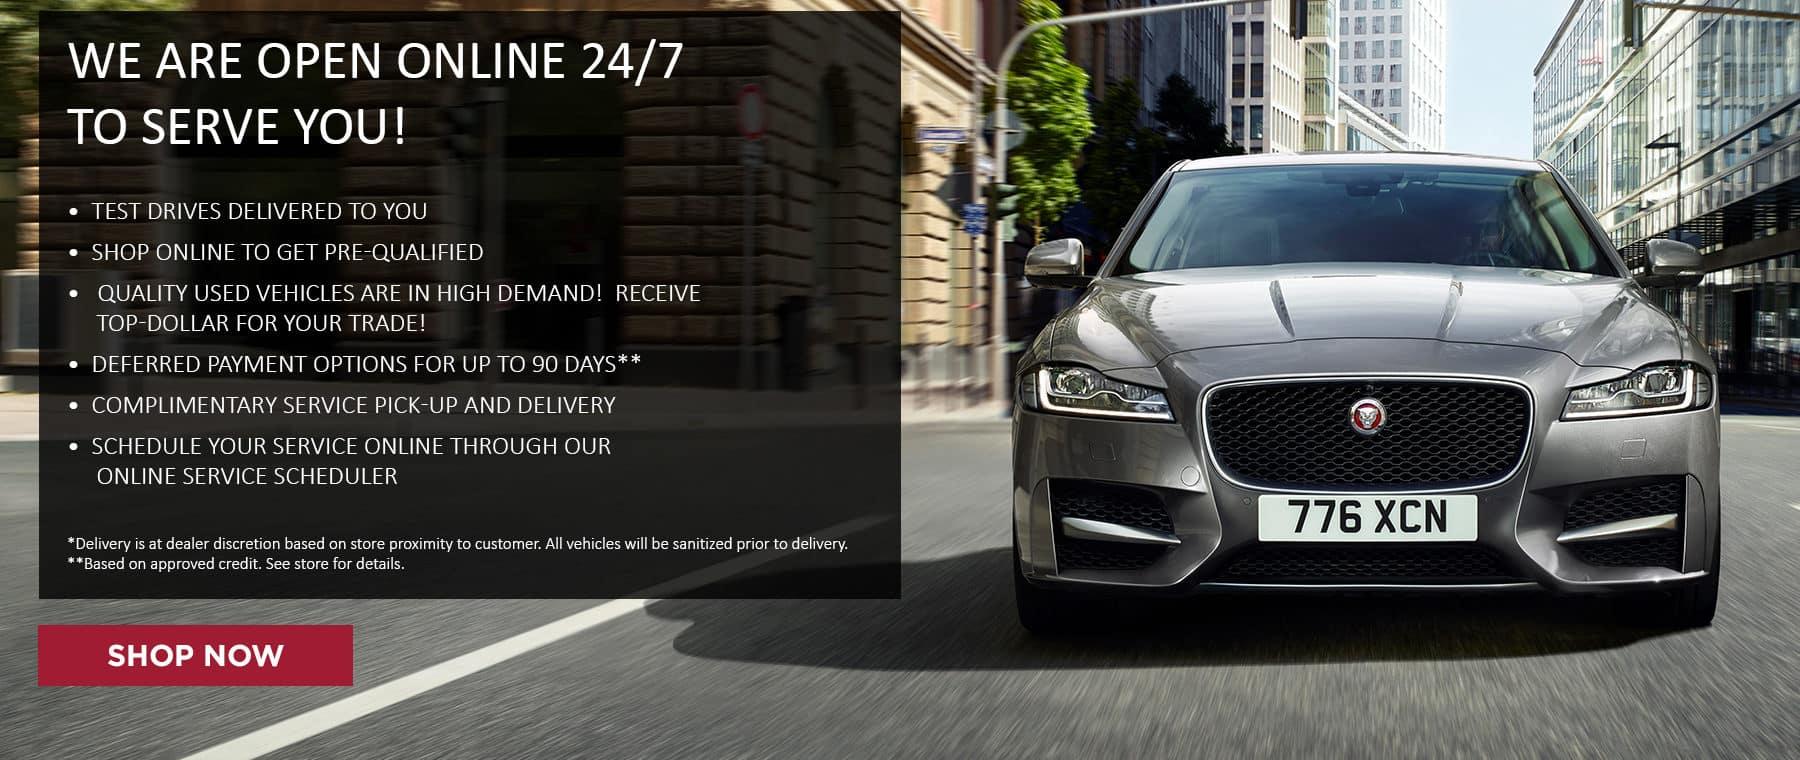 OpenOnline Jaguar DI 1800x900